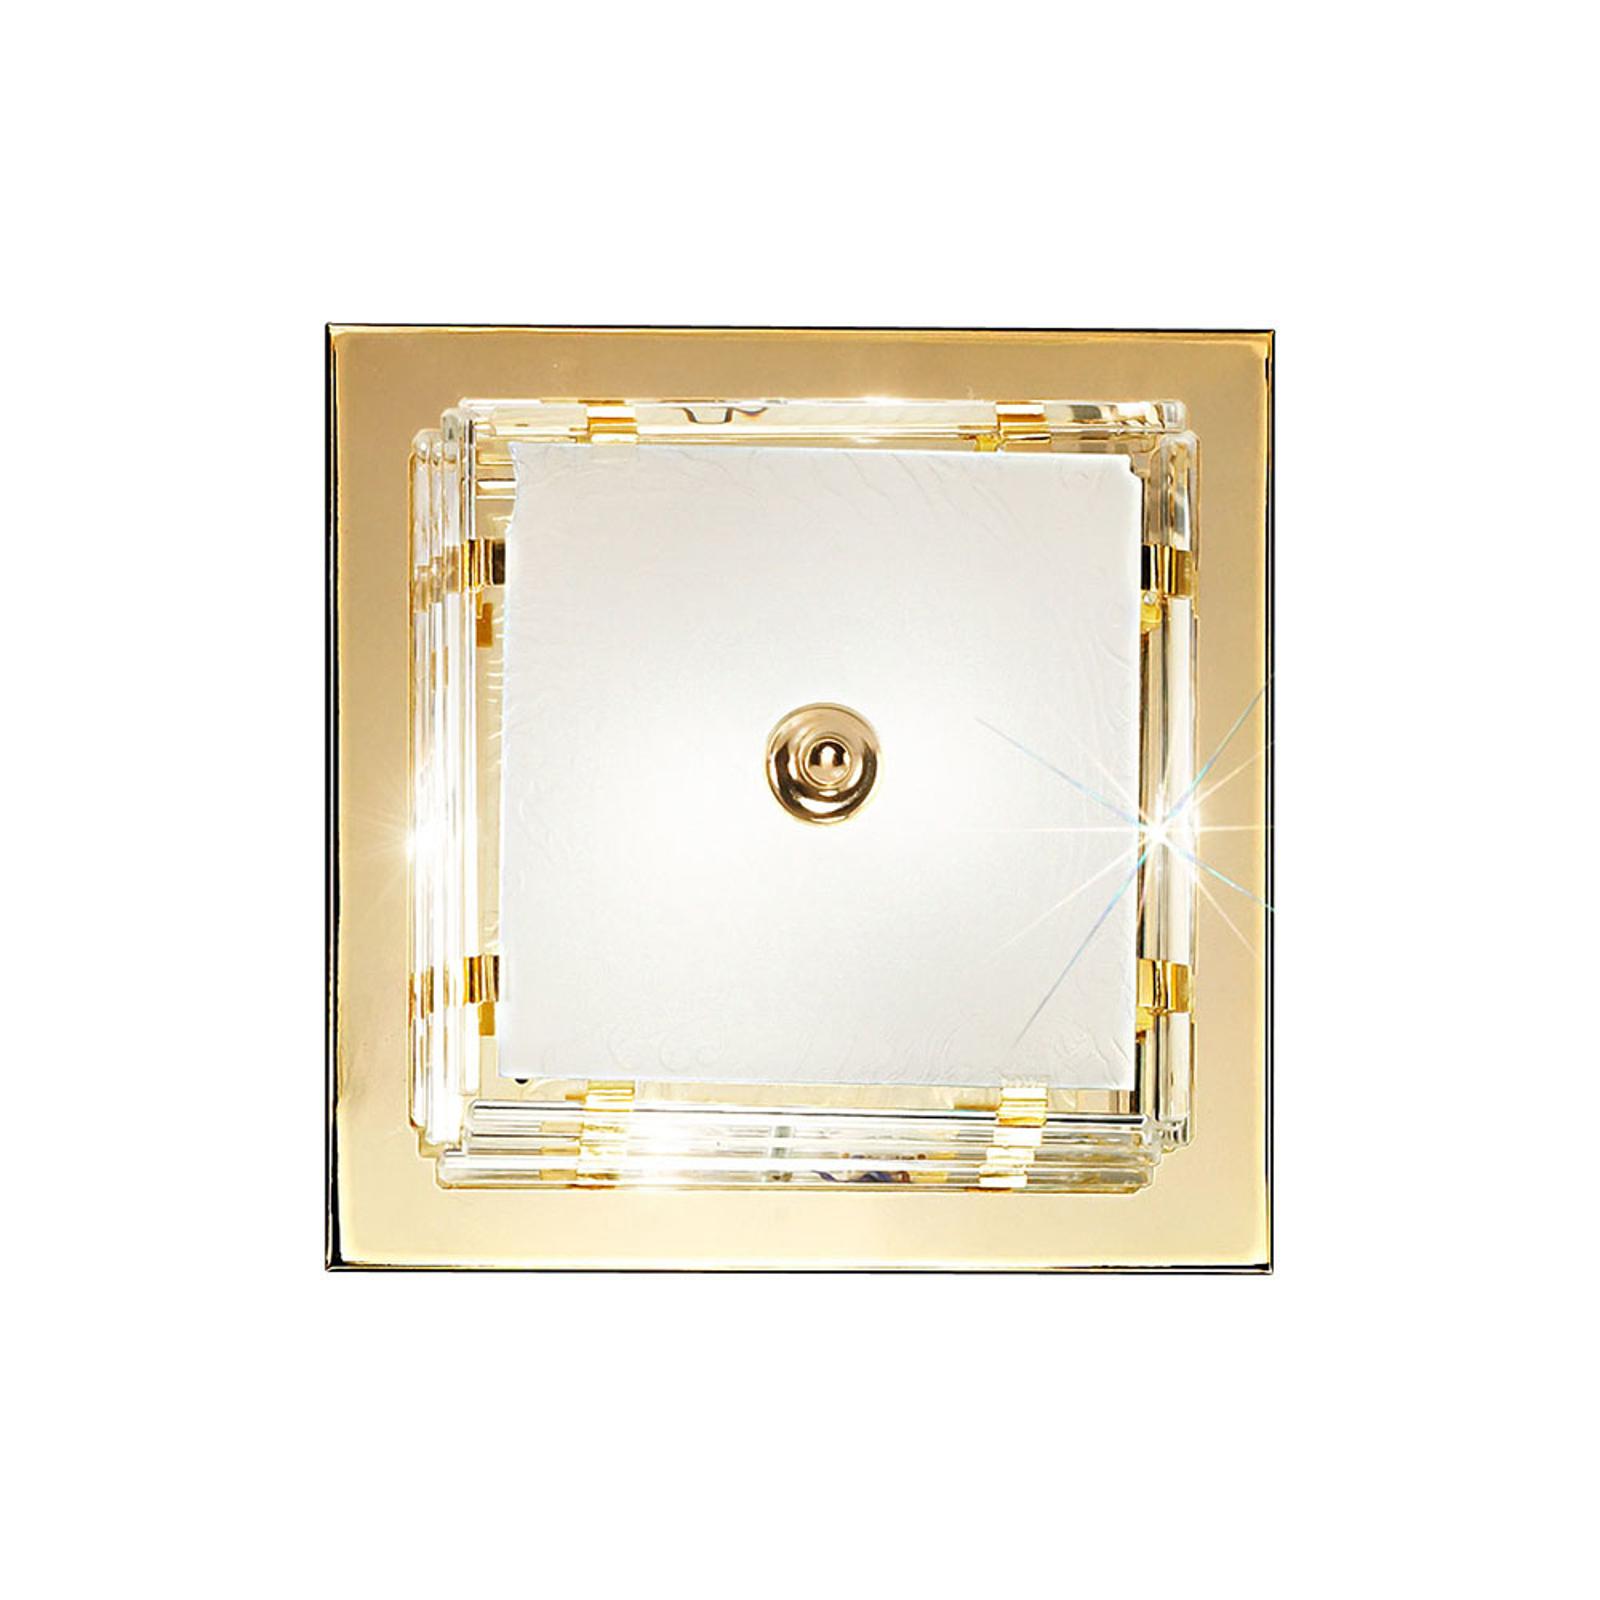 Lampa ścienna Ontario, 31 cm, złota, kwadratowa